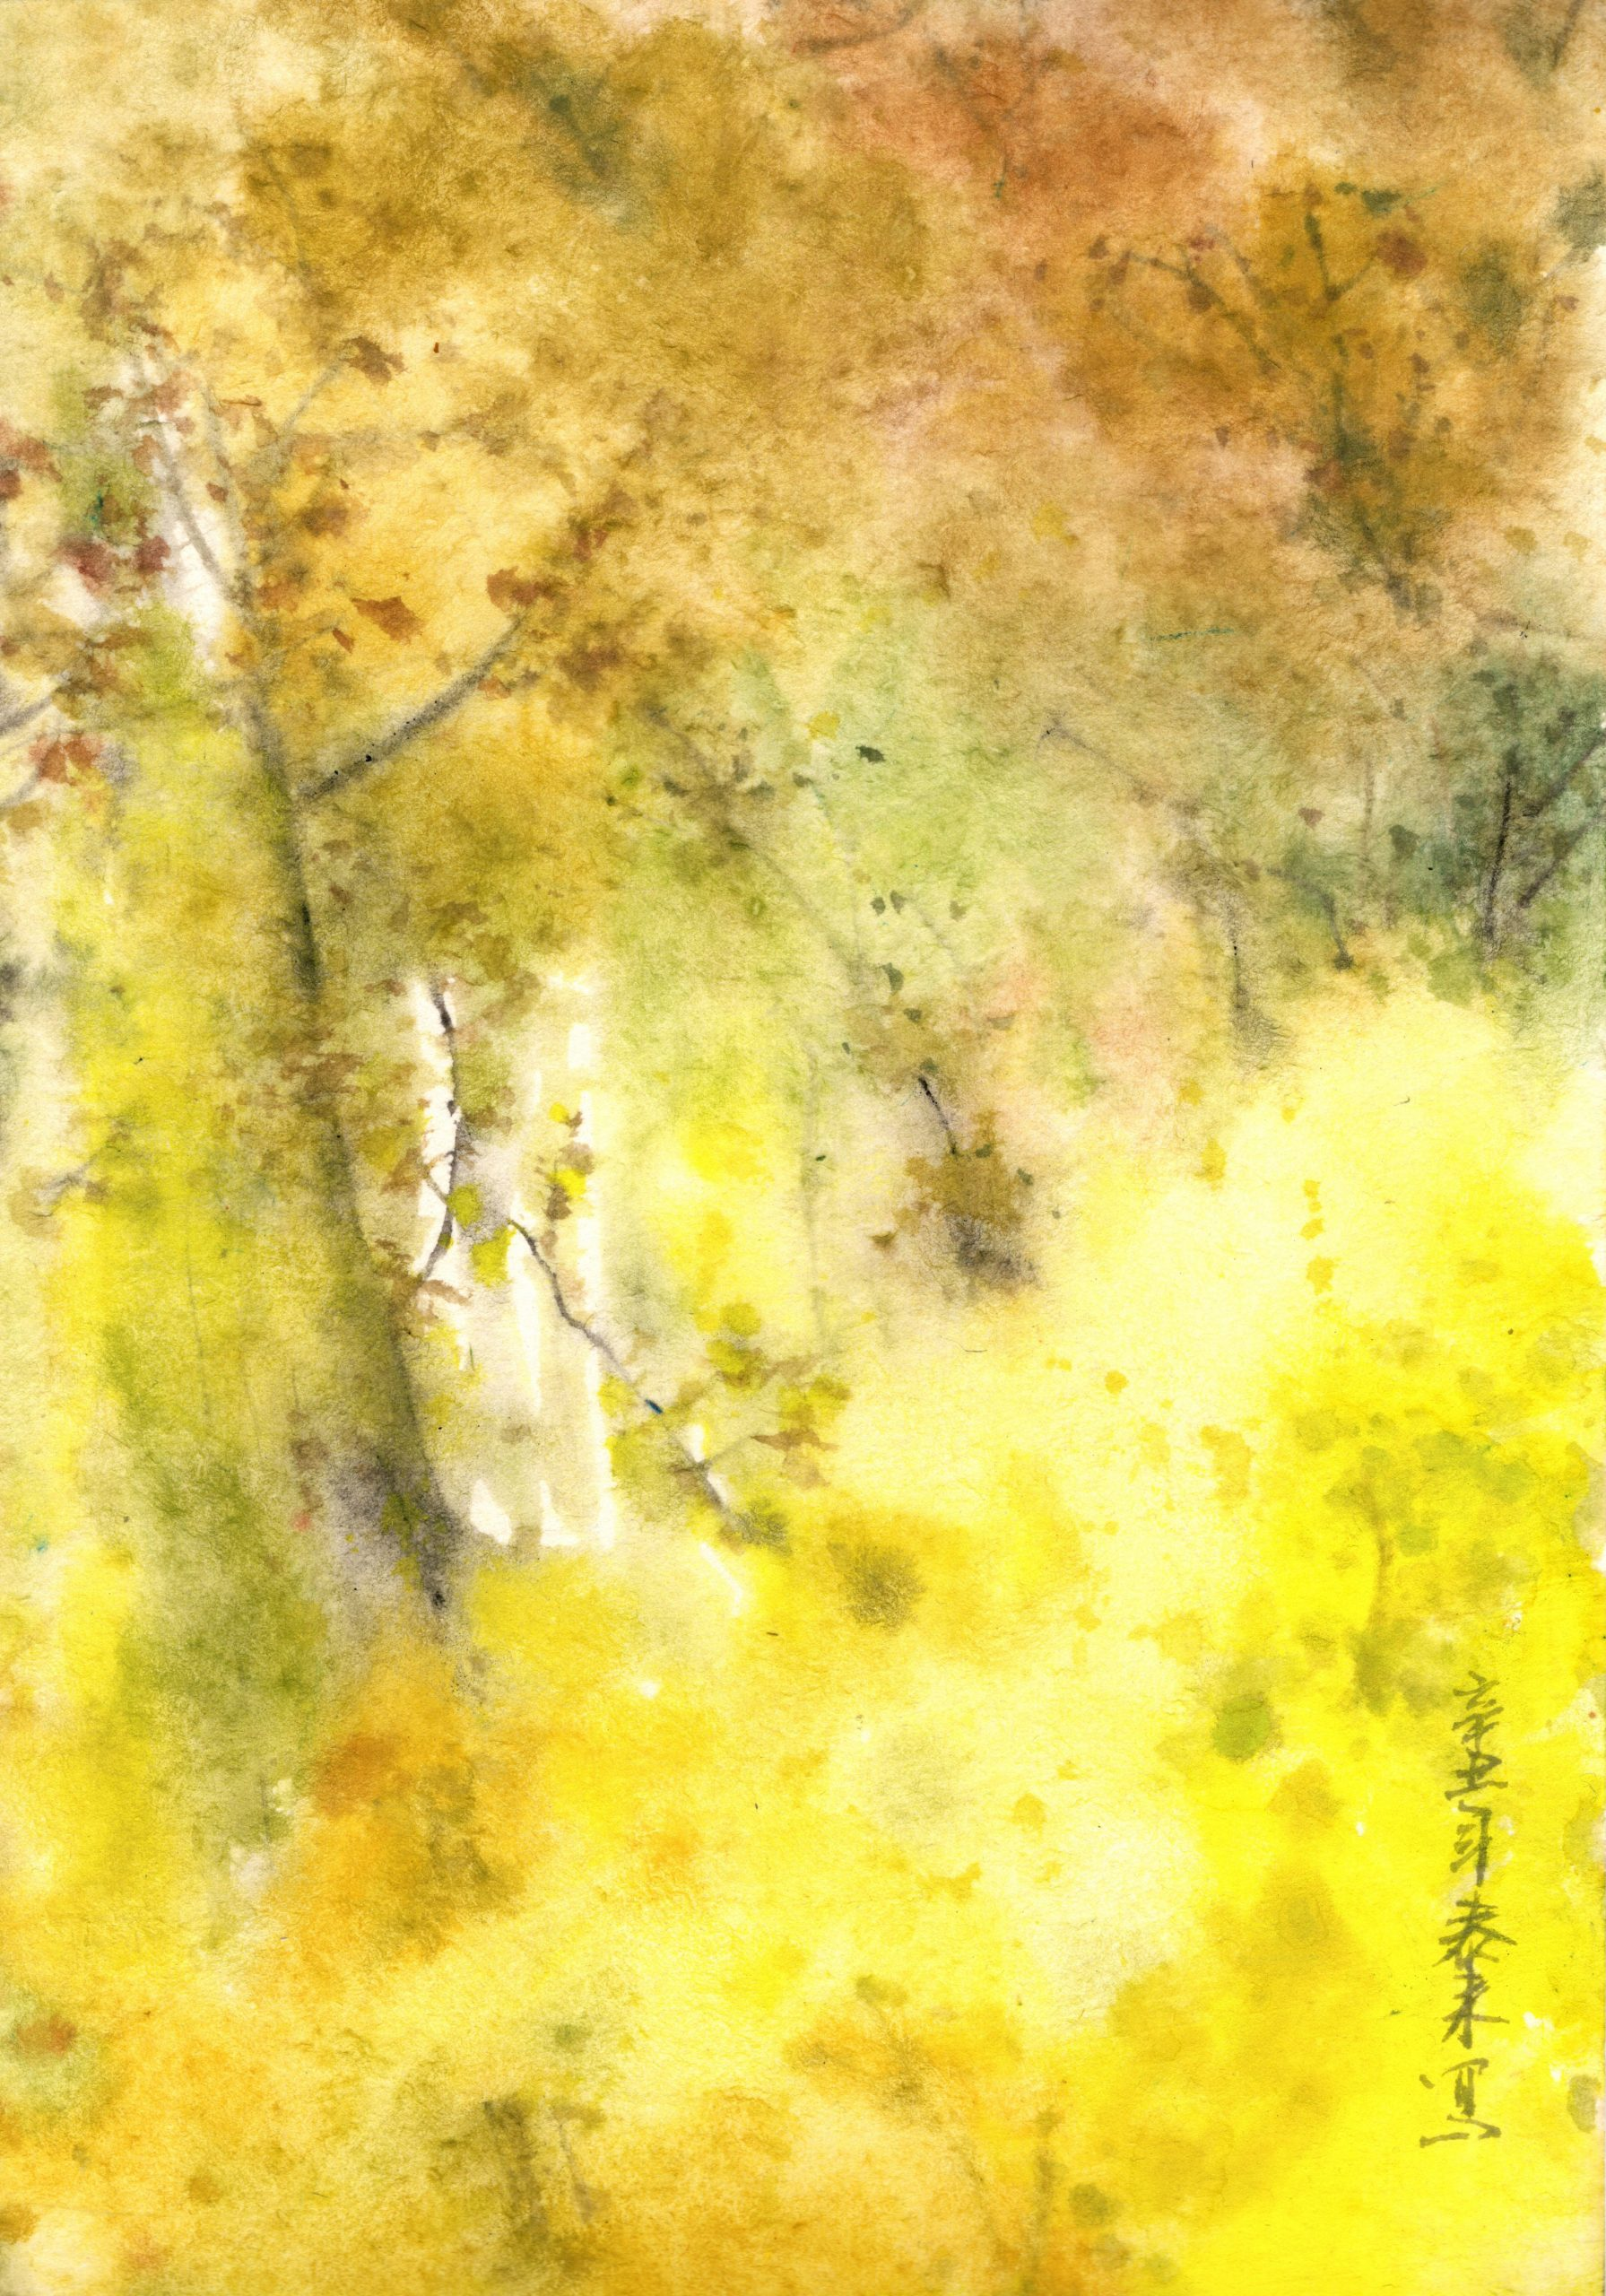 Birken Birch forest Landschaft landscape sumie painting chinesische japanische Tusche Malerei janpanises chinese ink painting Tusche Zeichnung Malerei